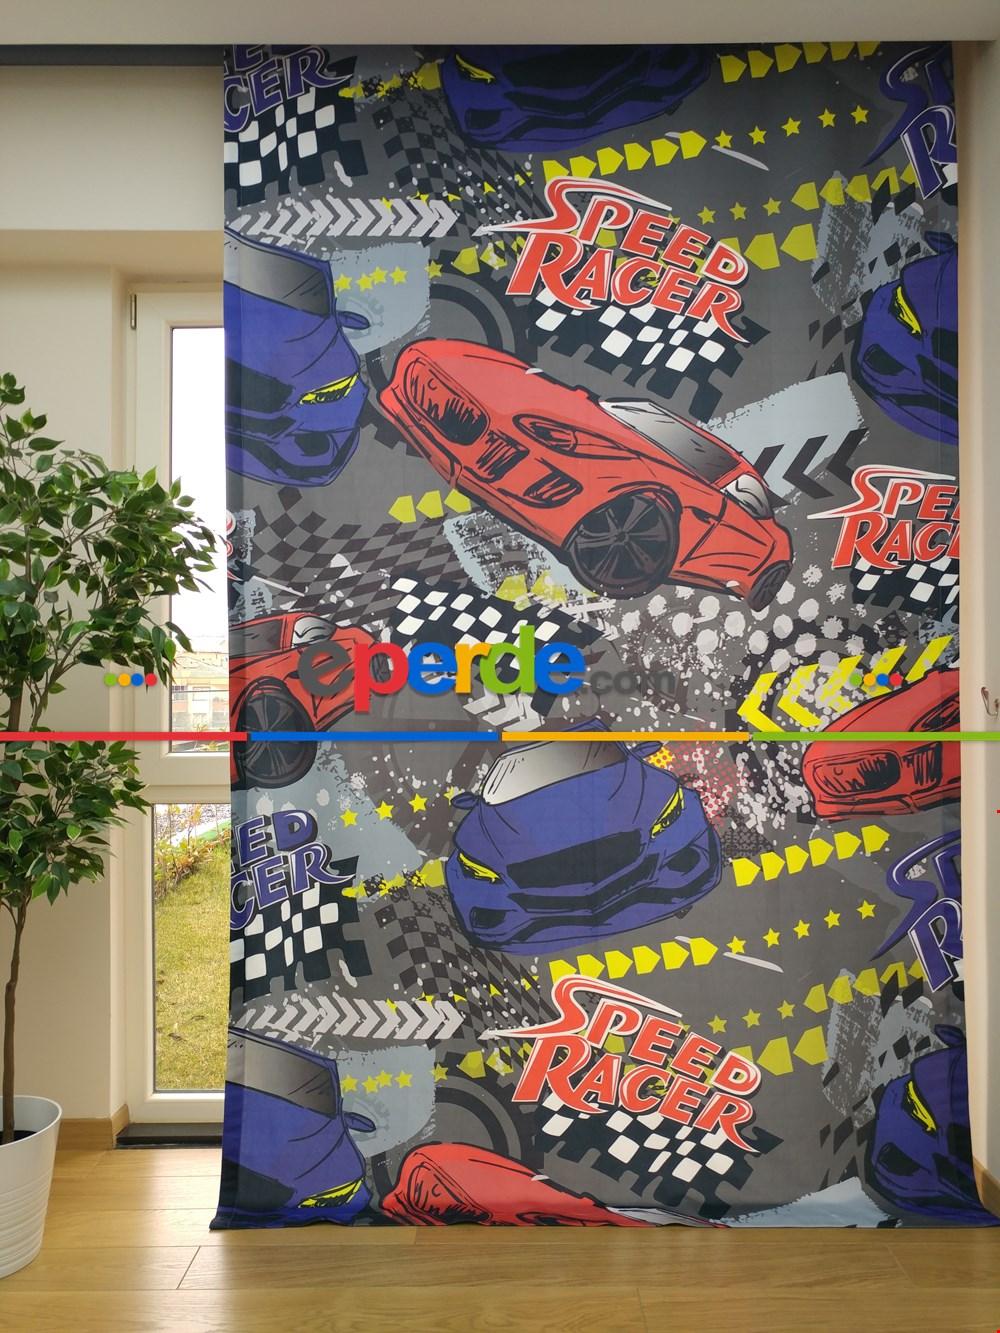 Erkek Çocuk Odası Arabalar Baskılı Fon Perde - Speed Racer